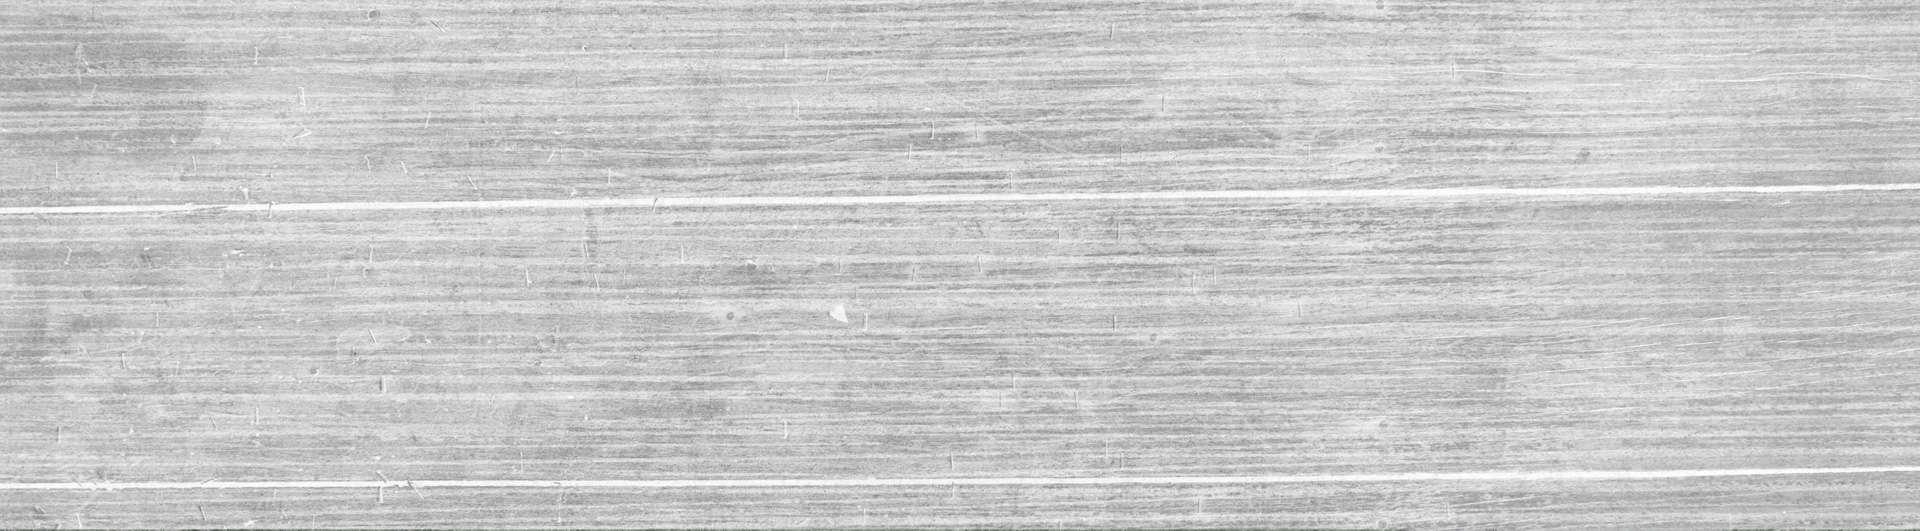 Wooden-Background